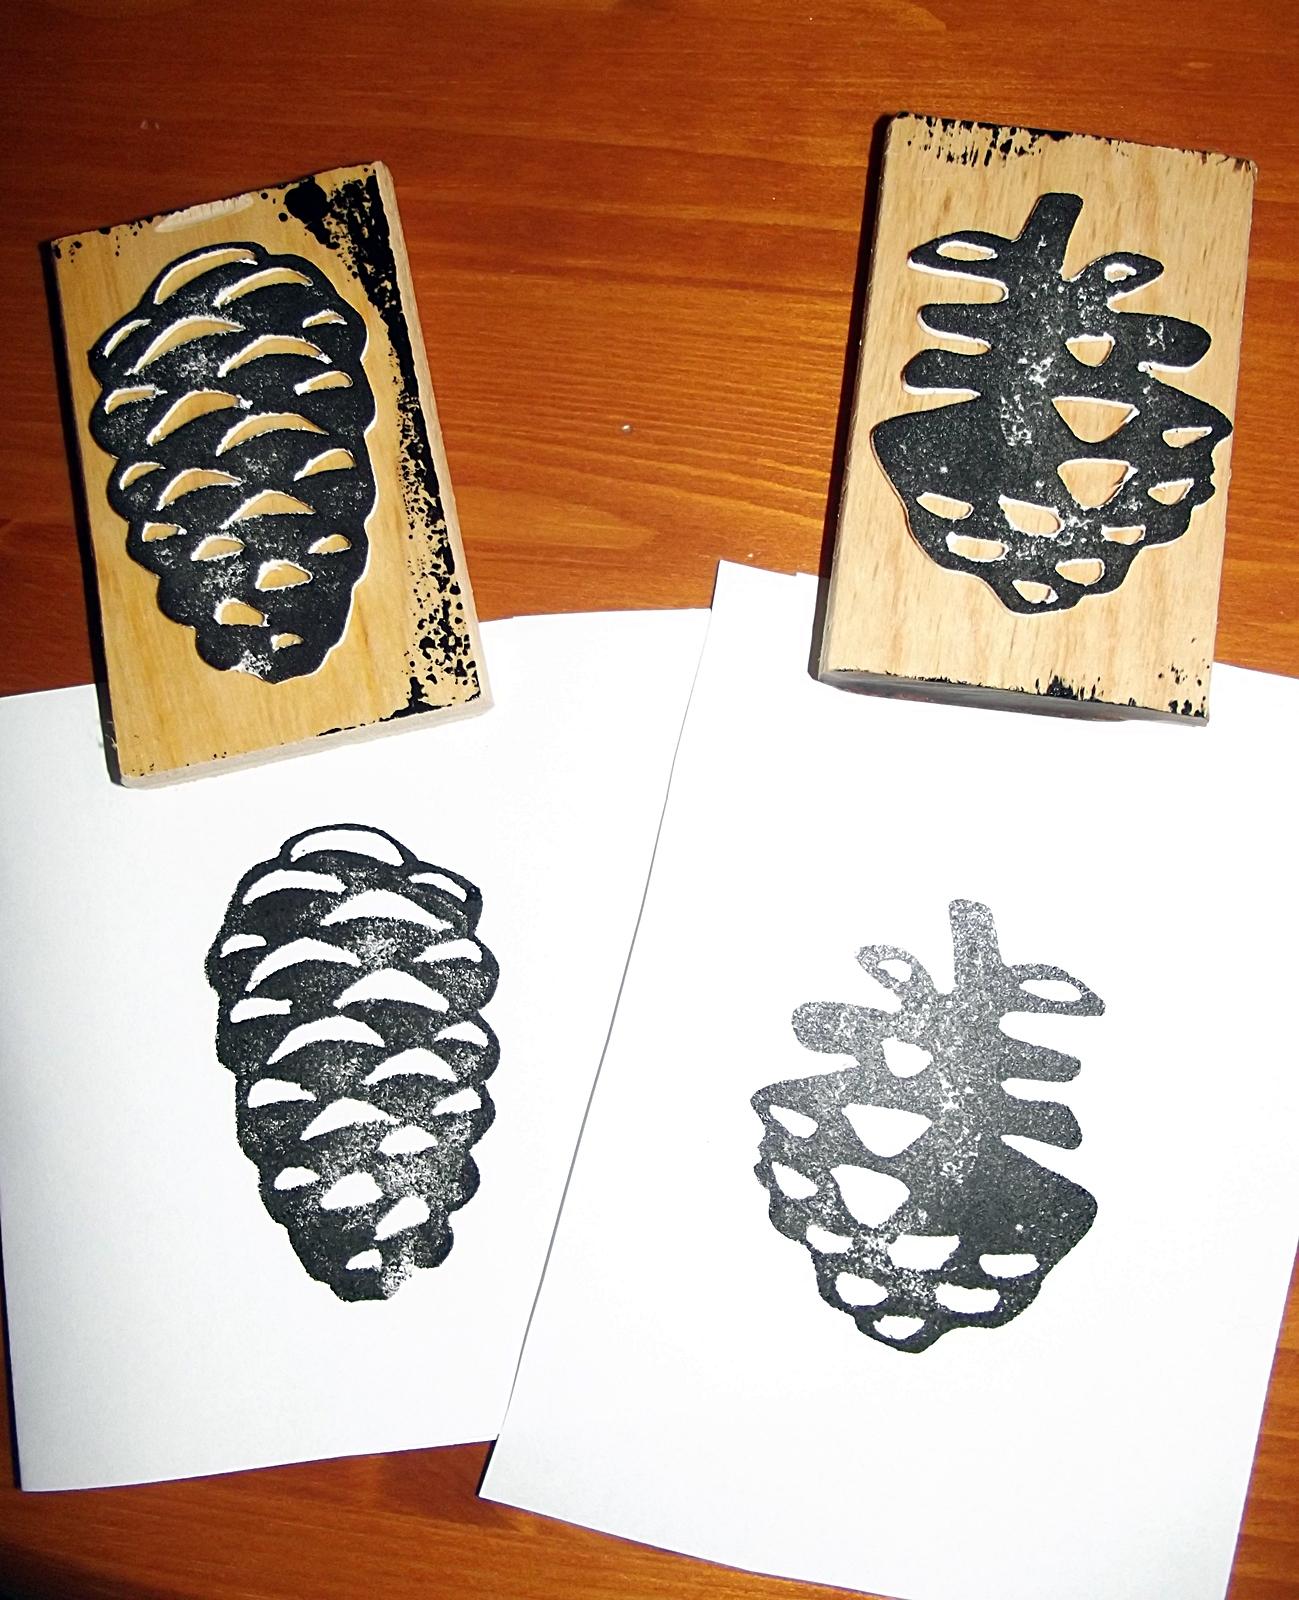 katrins kleine meisterwerke zapfenstreich stempel selbst gemacht. Black Bedroom Furniture Sets. Home Design Ideas